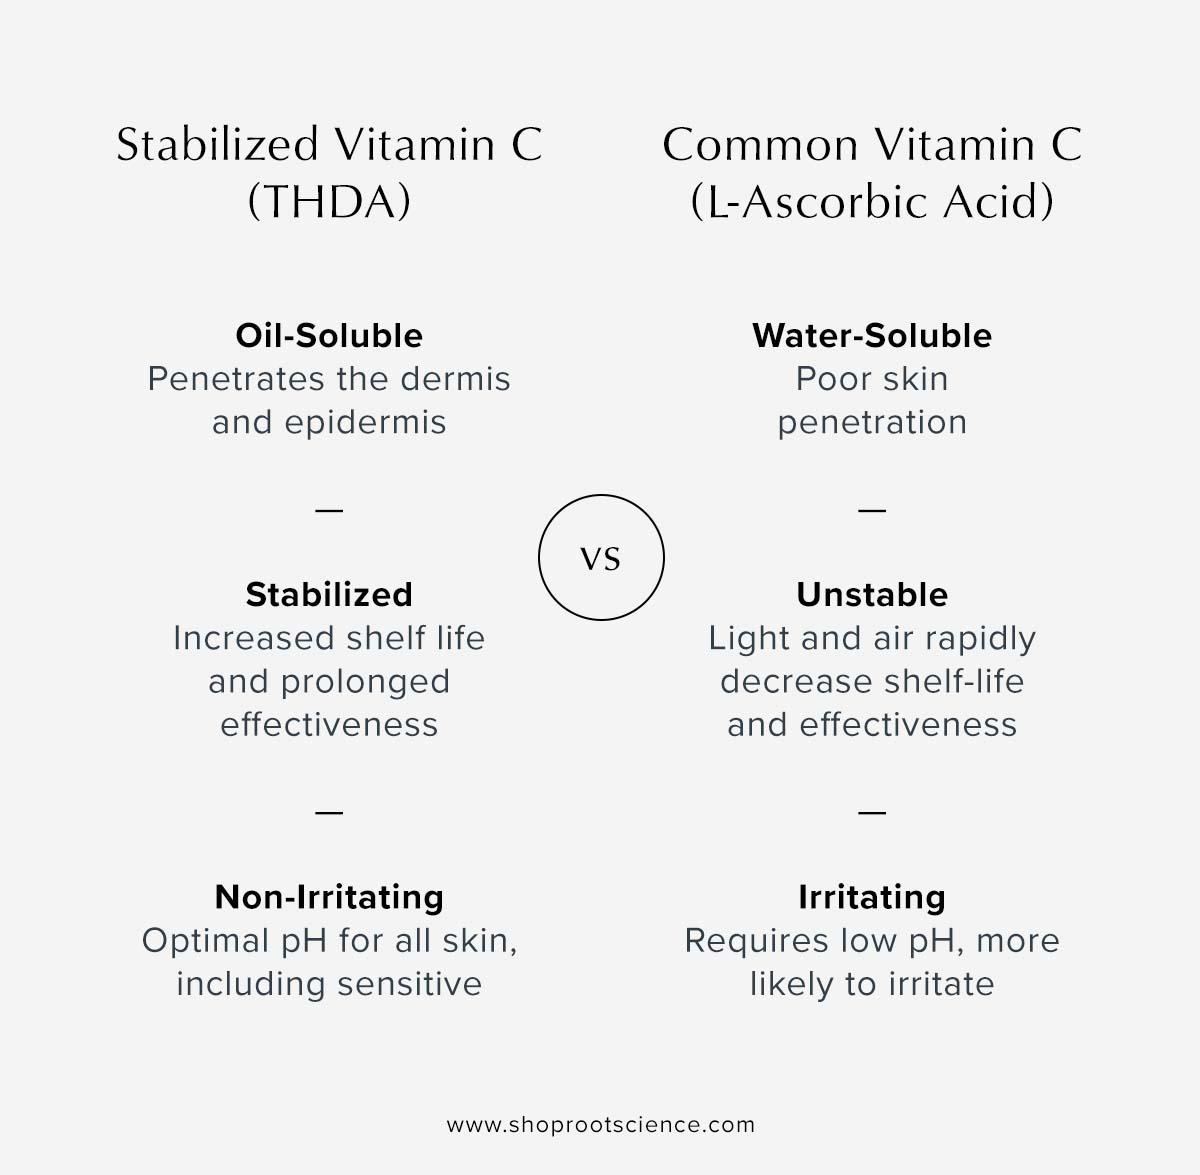 Tetrahexyldecyl Ascorbate vs L-Ascorbic Acid